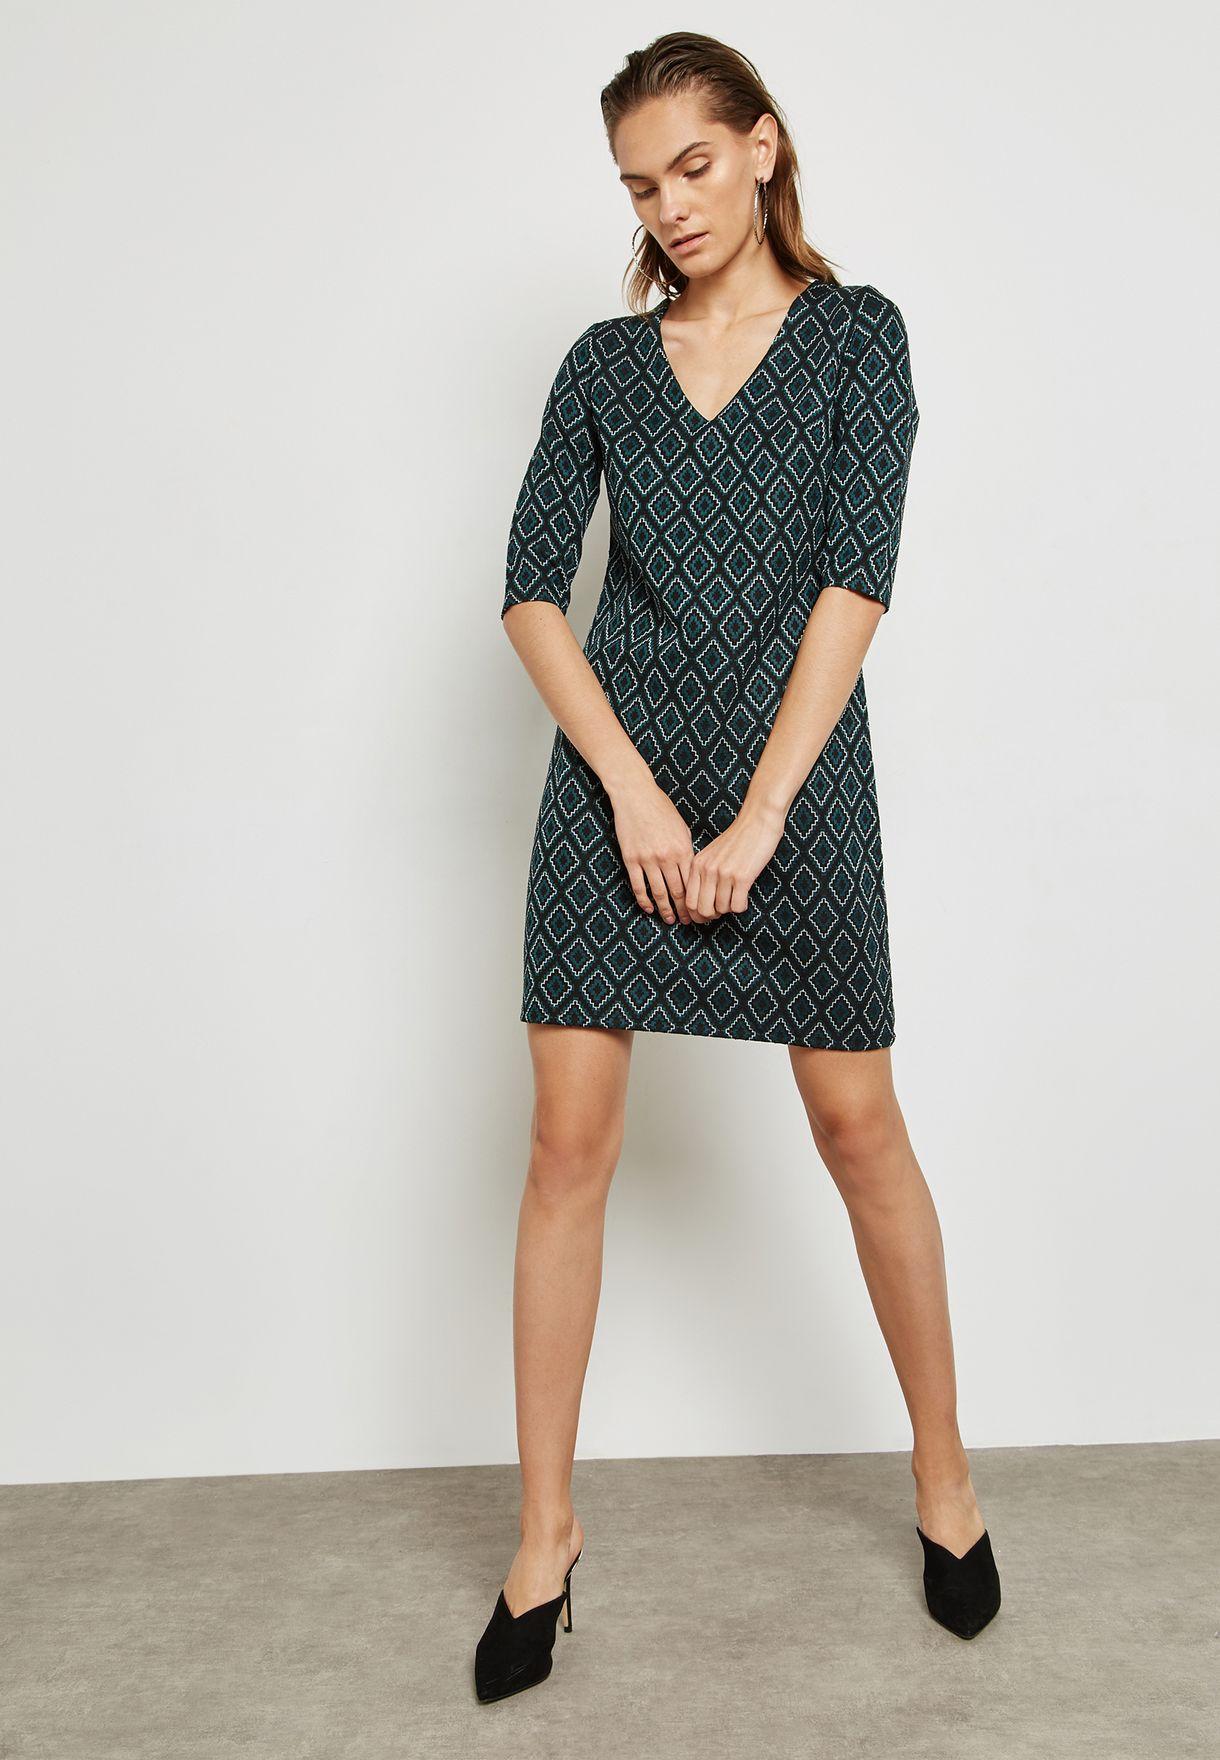 Jacquard Print Shift Dress